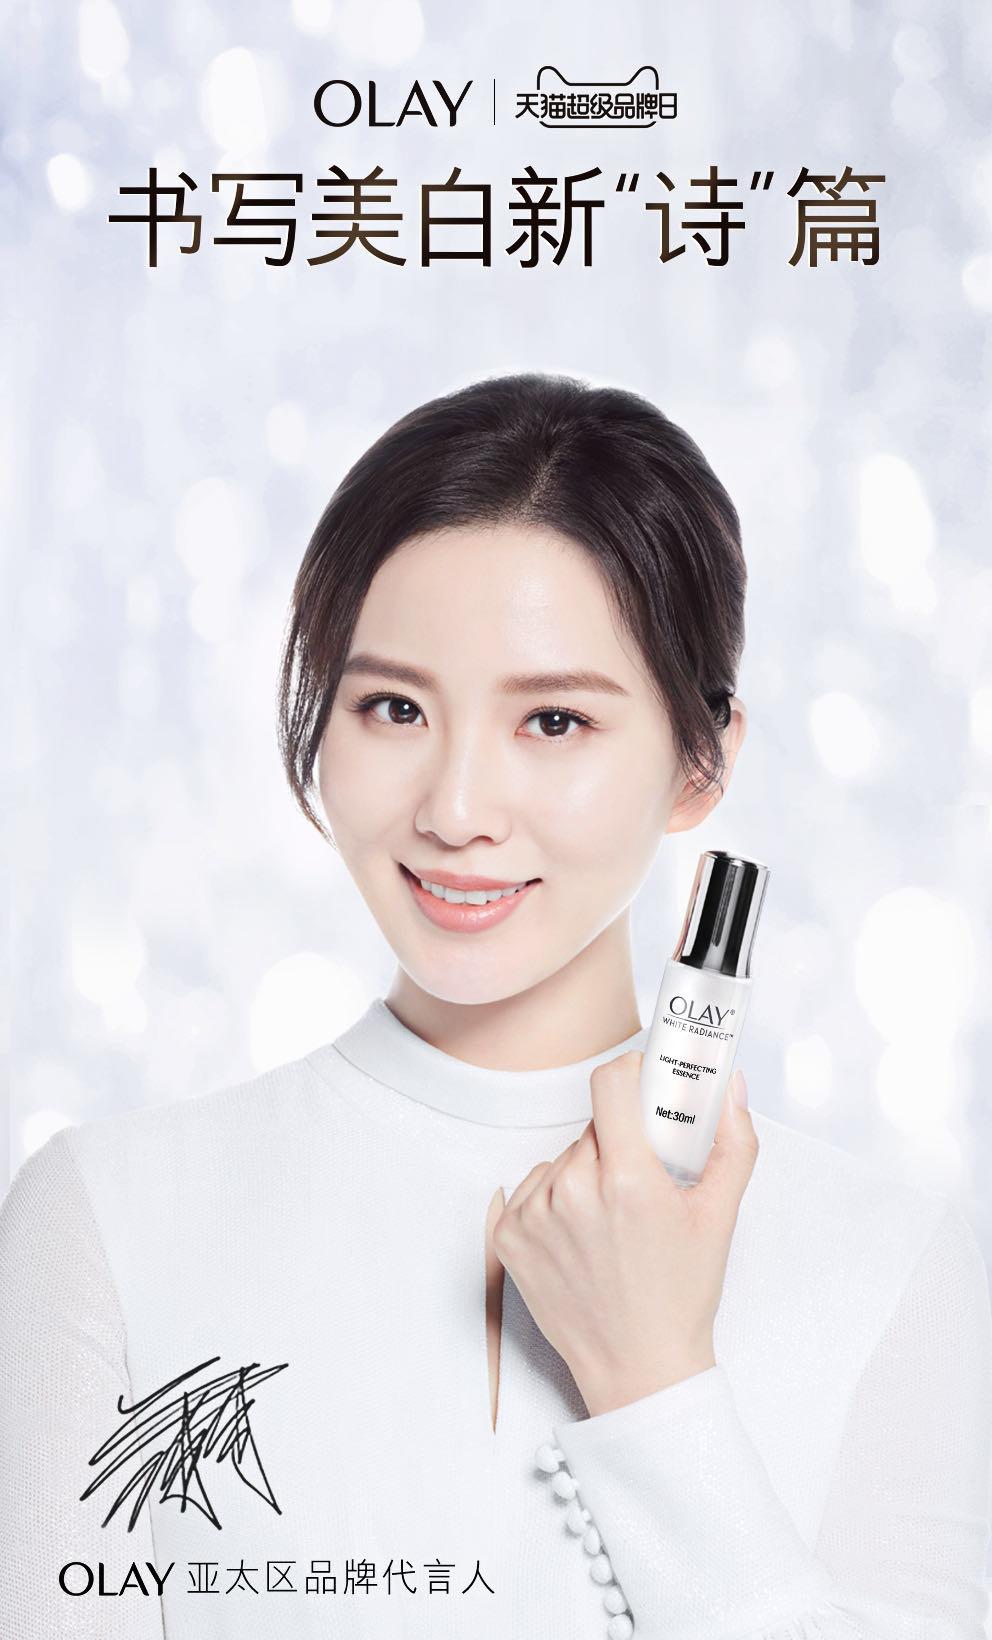 刘诗诗成为OLAY首位亚太区品牌代言人